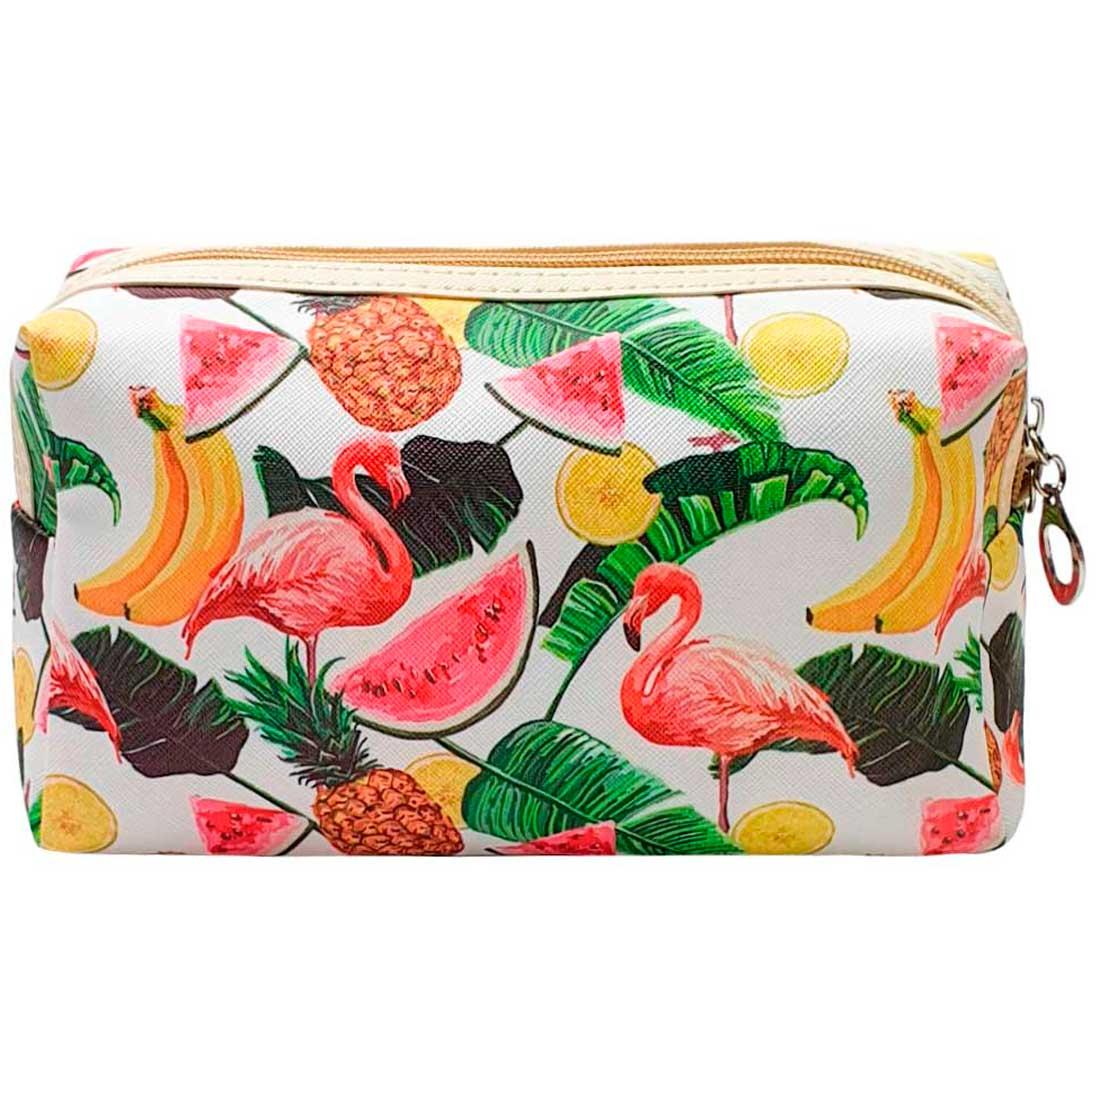 Necessaire de Flamingo e Frutas - Branca